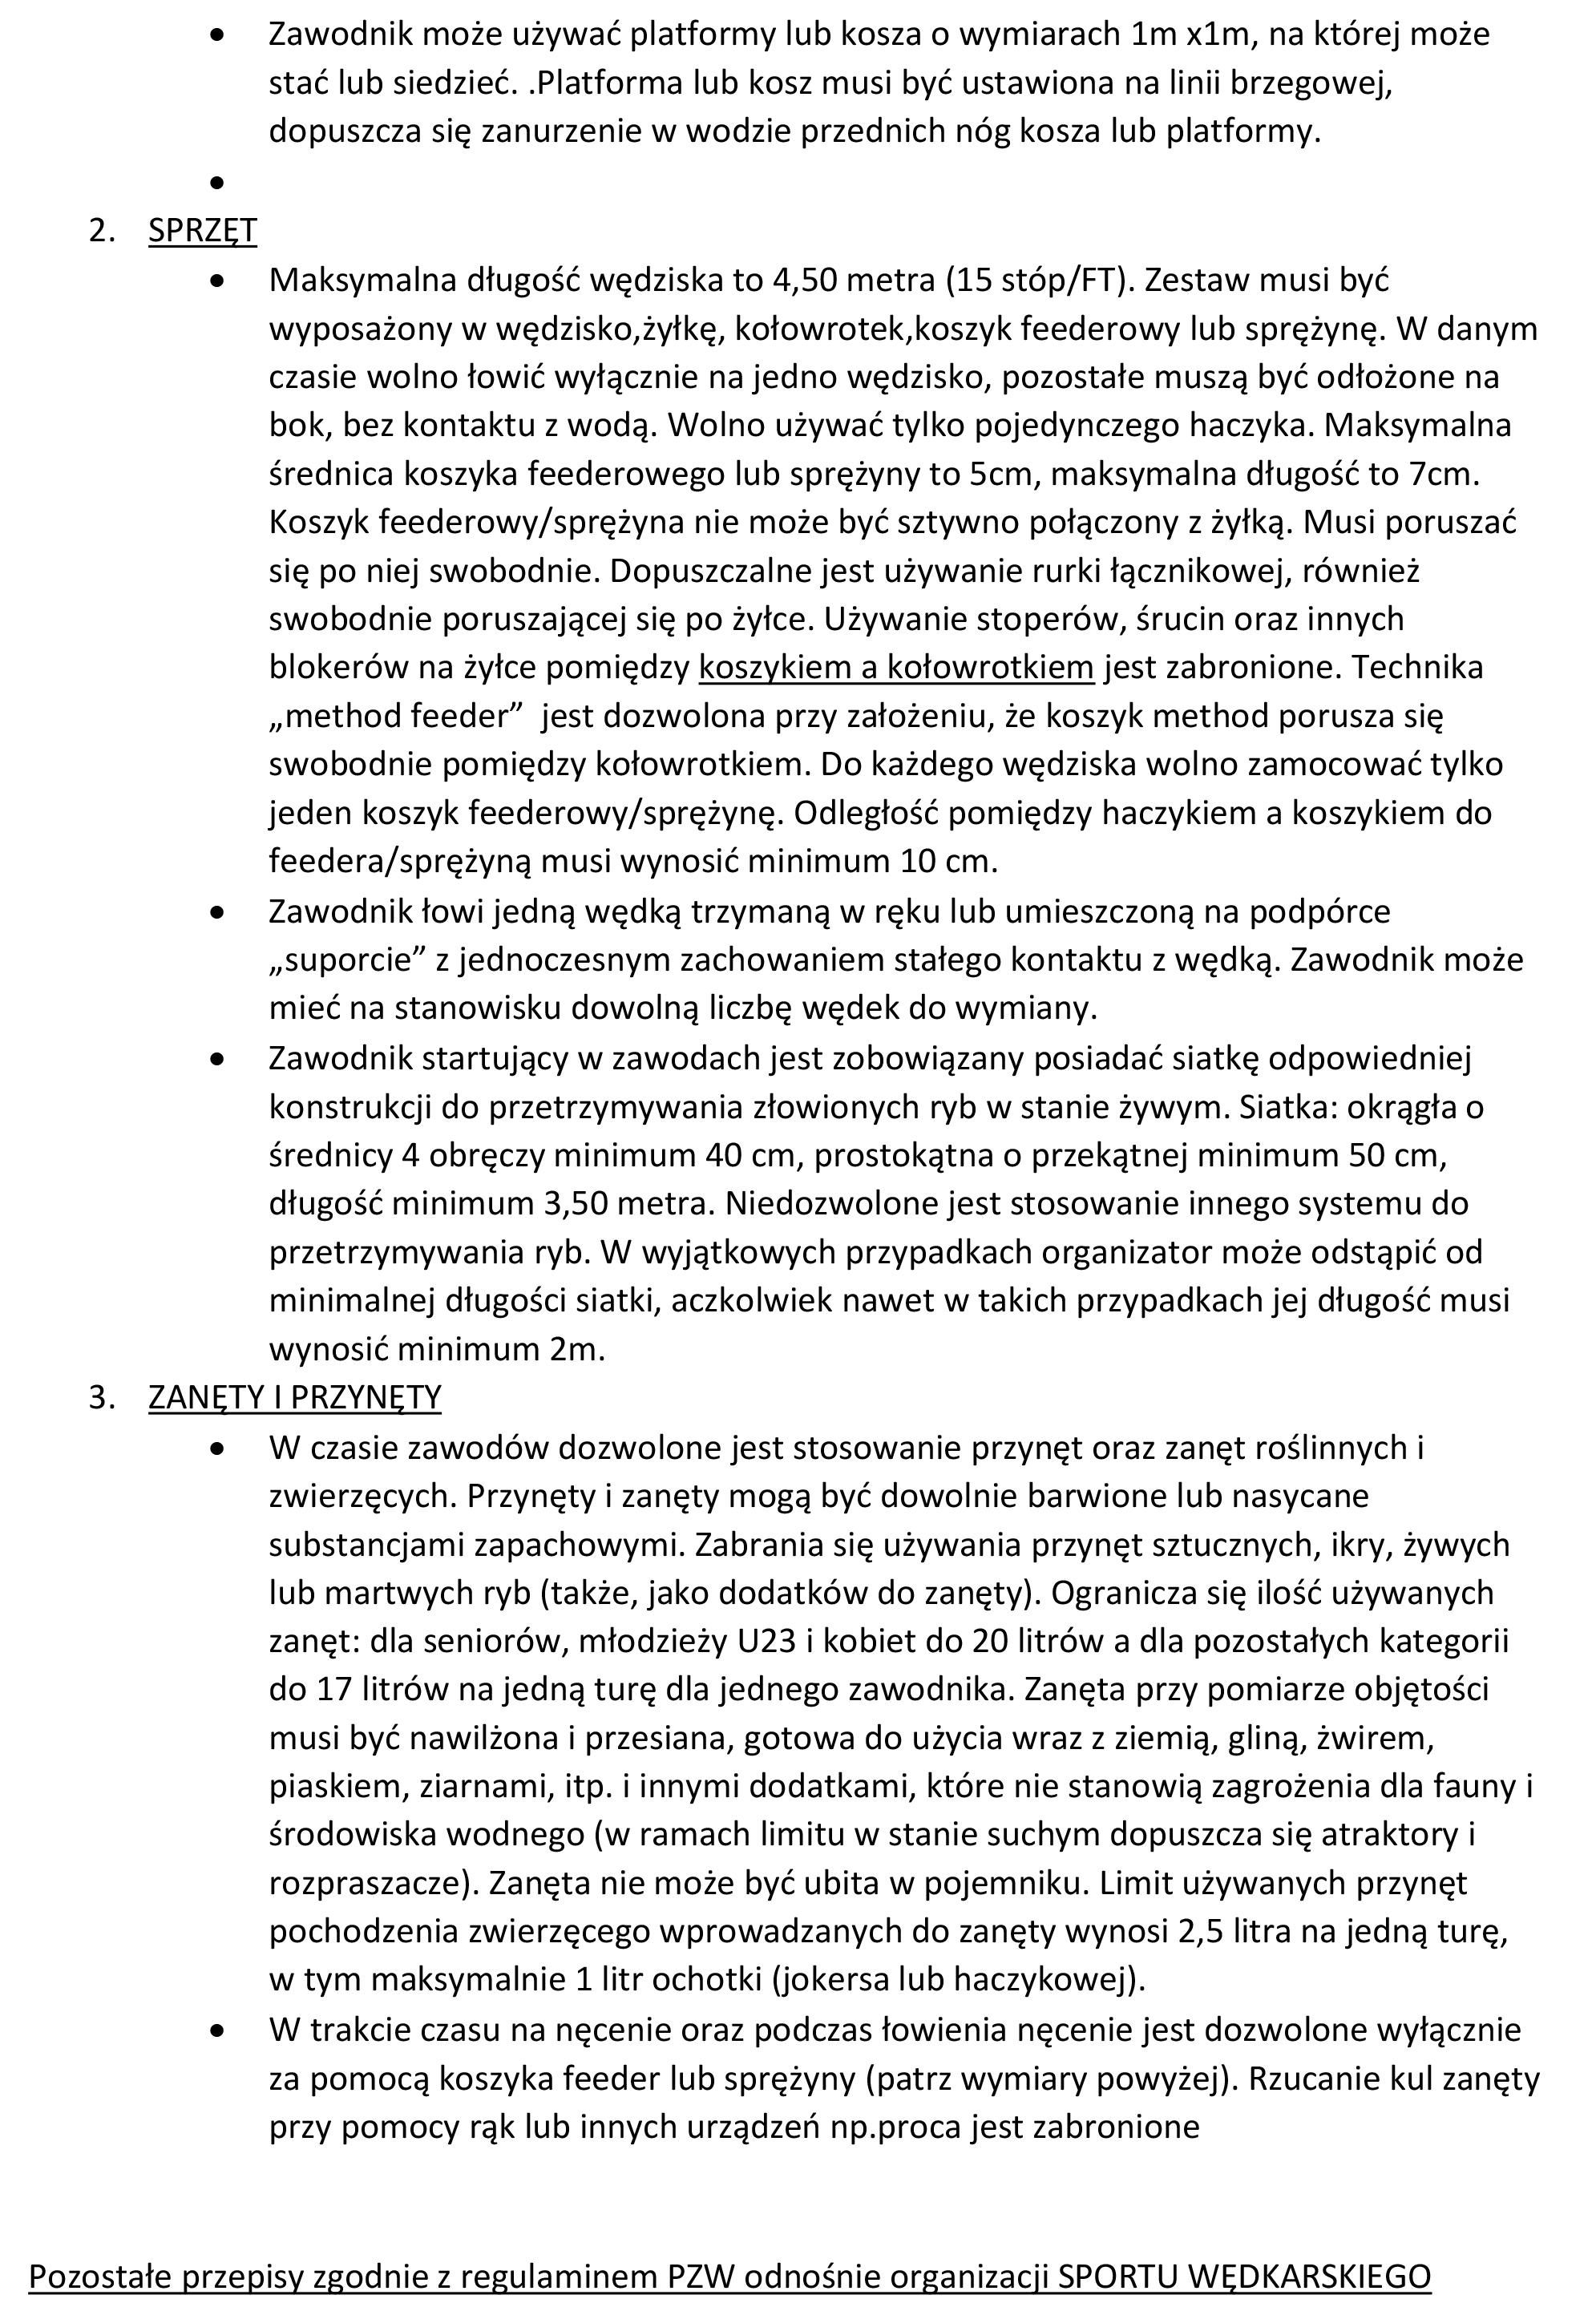 Regulamin zawodów 2017